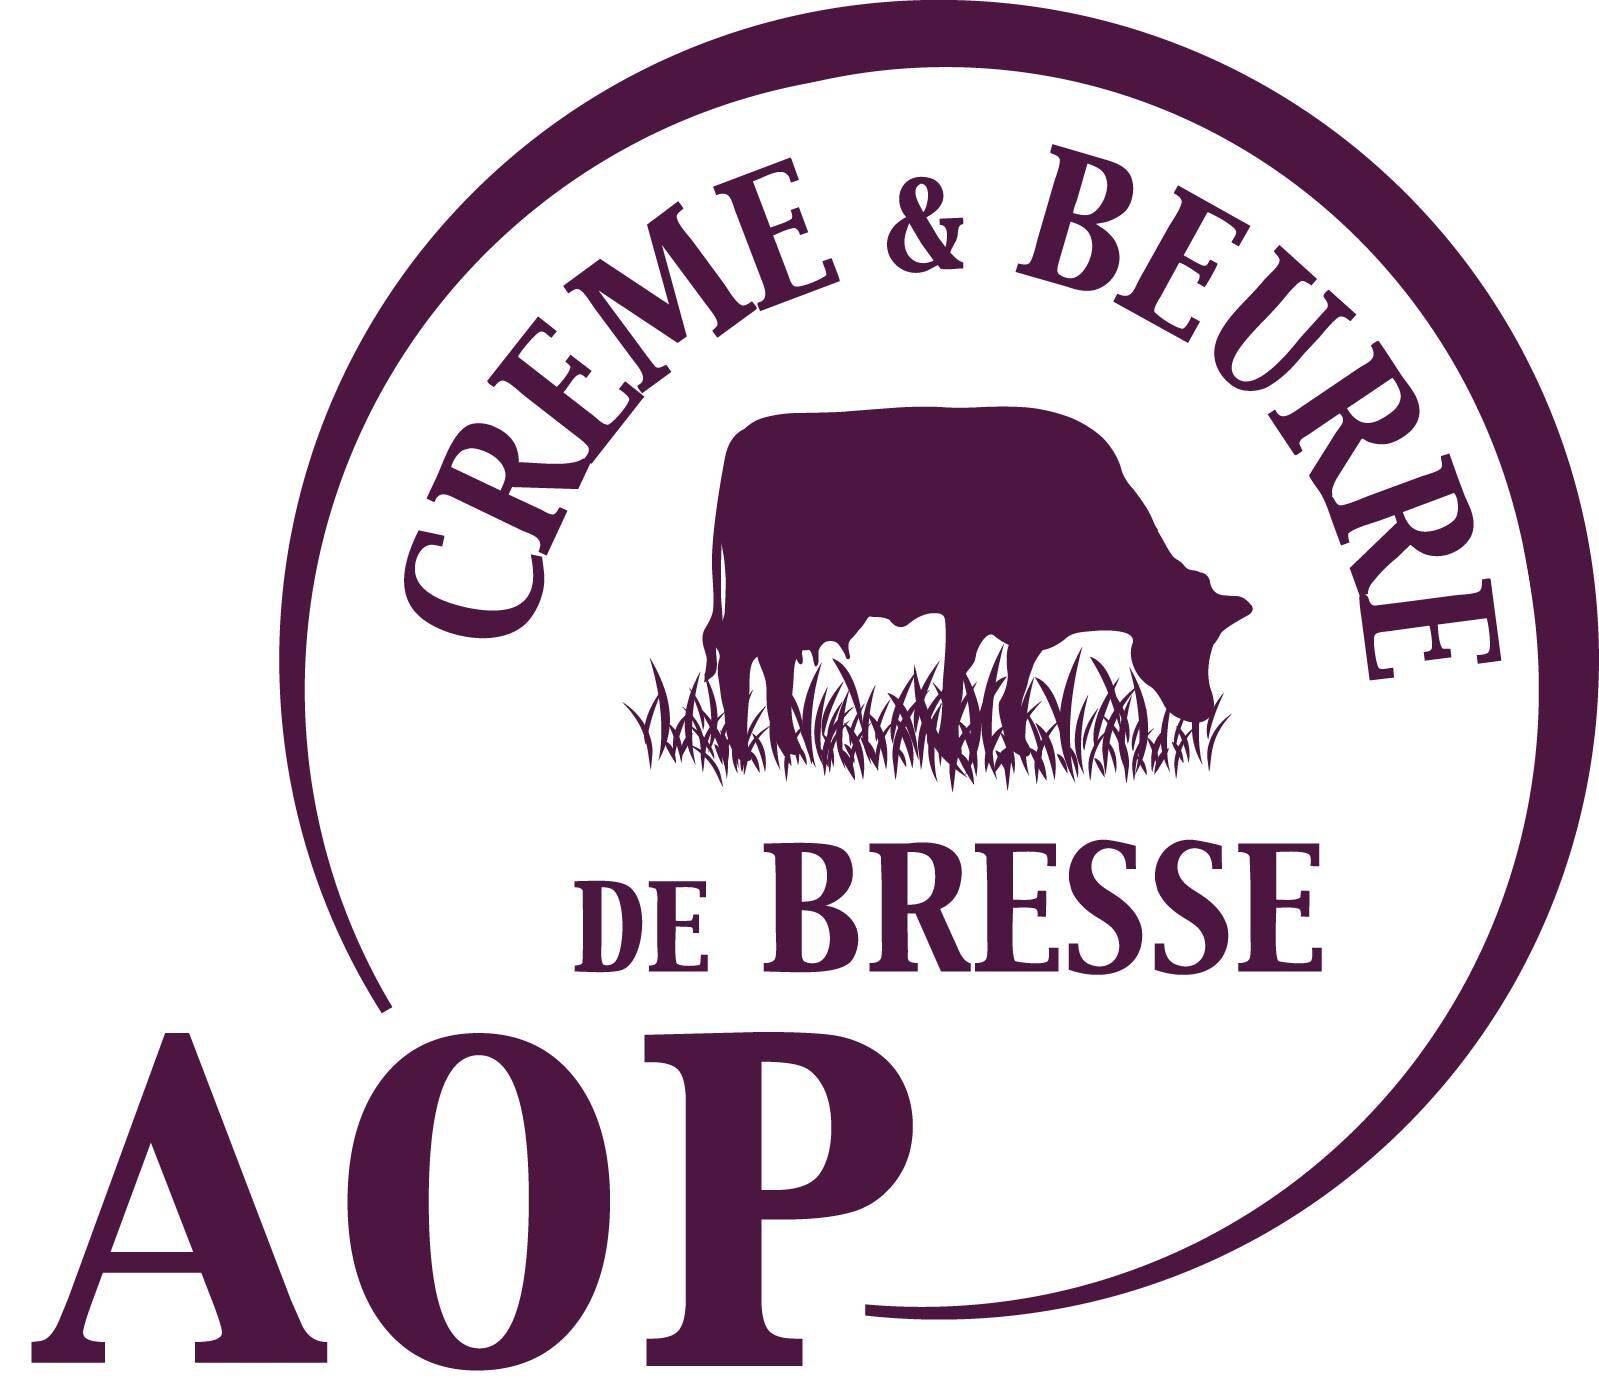 AOP-Creme-Beurre-Bresse.jpg